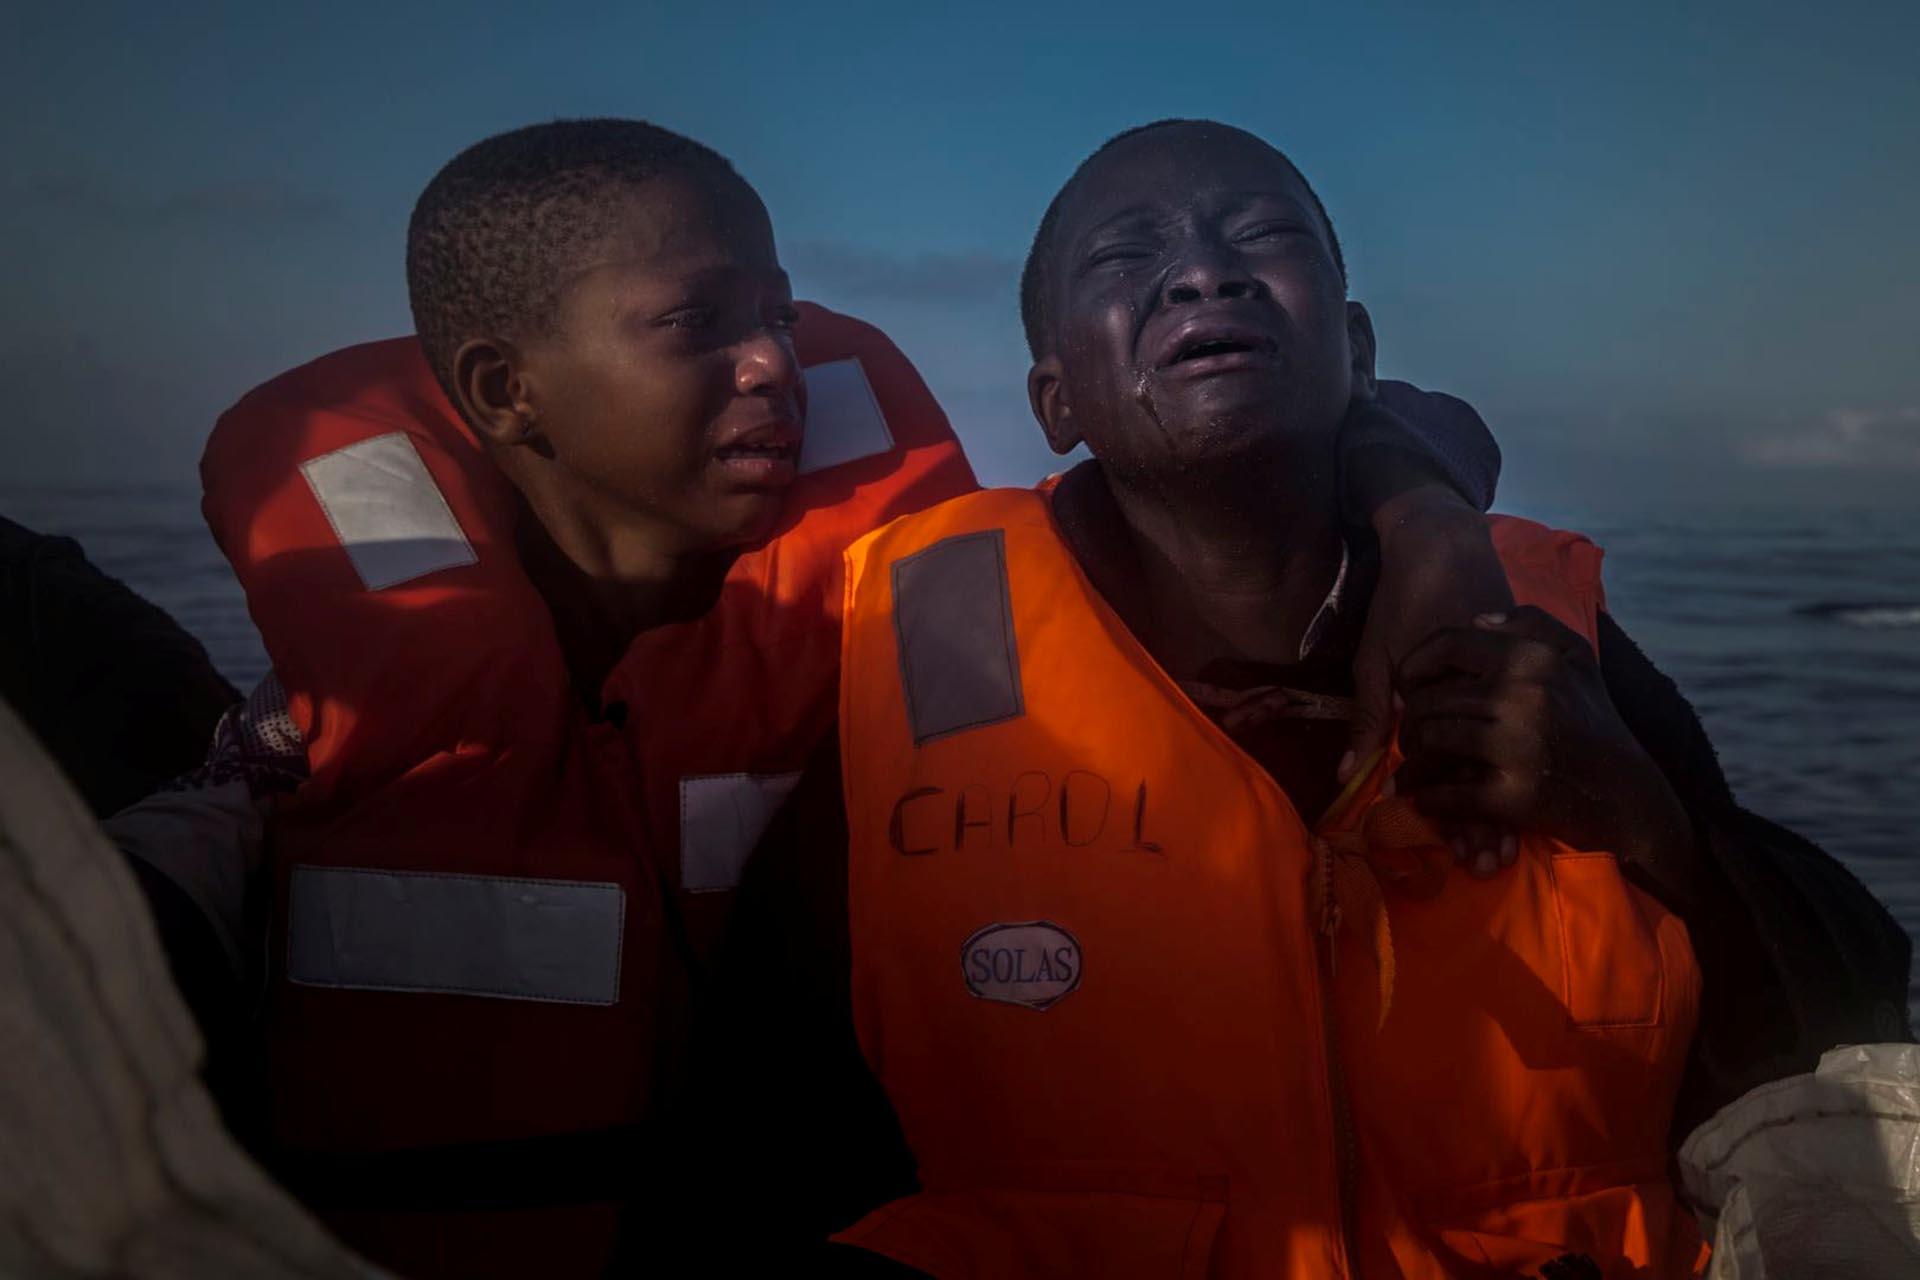 Noticias Generales, segundo premio. Un niño de 10 años y una niña de 11 lloran en un bote de inmigrantes luego de la muerte de su madre. Santi Palacios, REUTERS